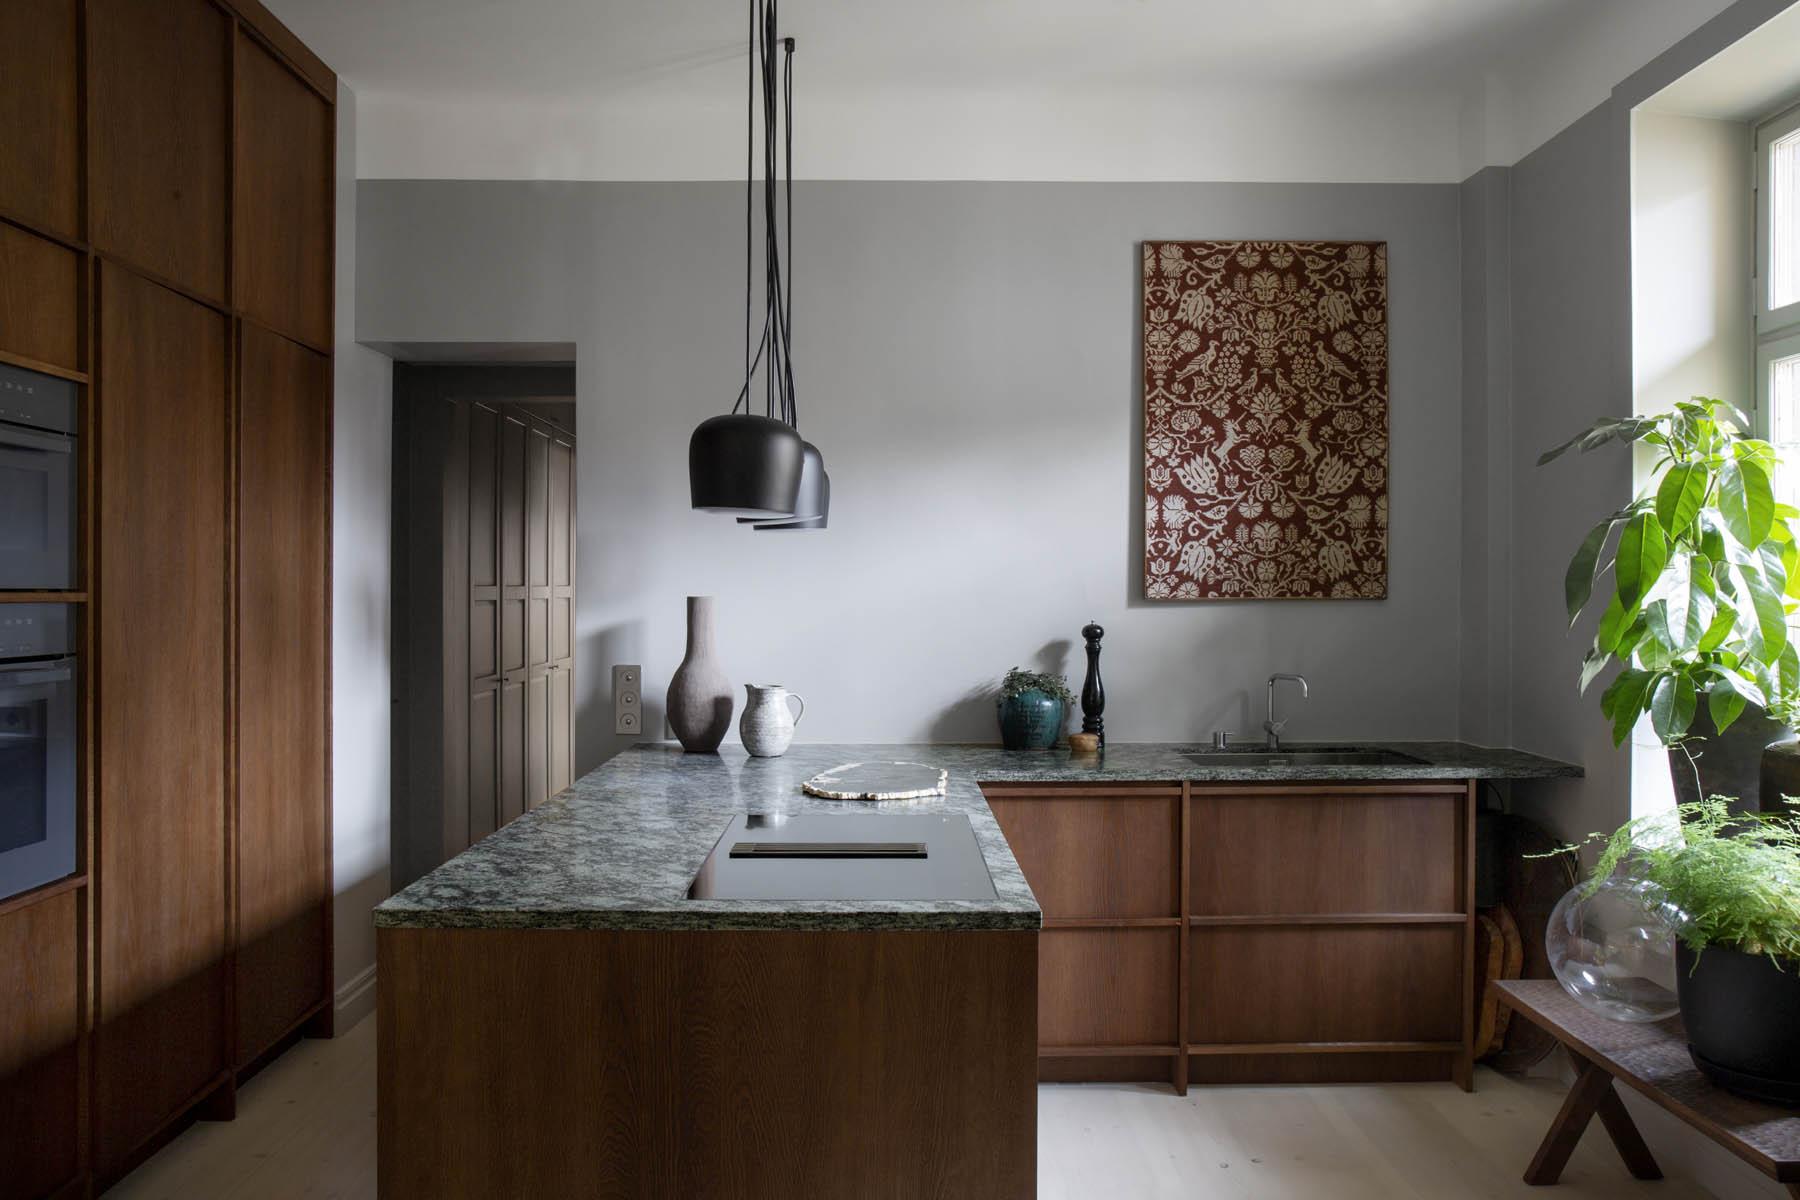 Kök och badrum Copy